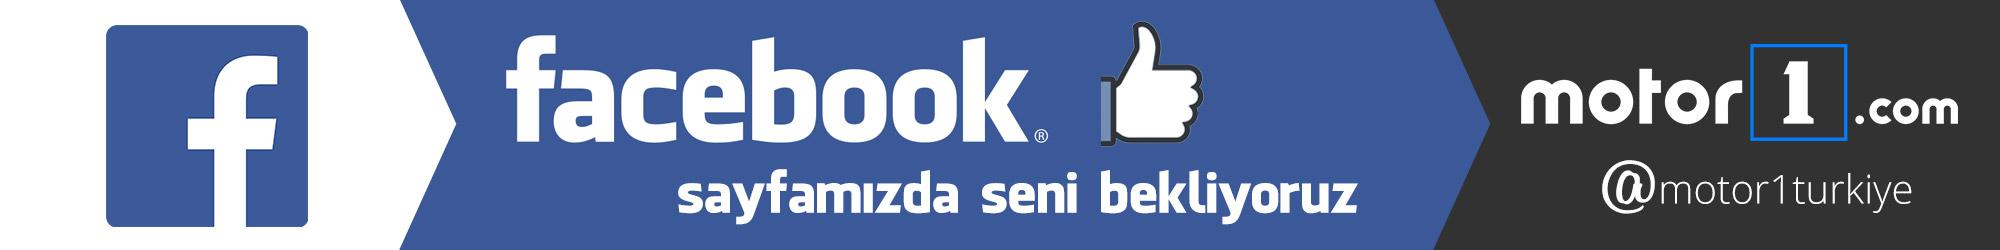 Motor1 Türkiye Facebbok